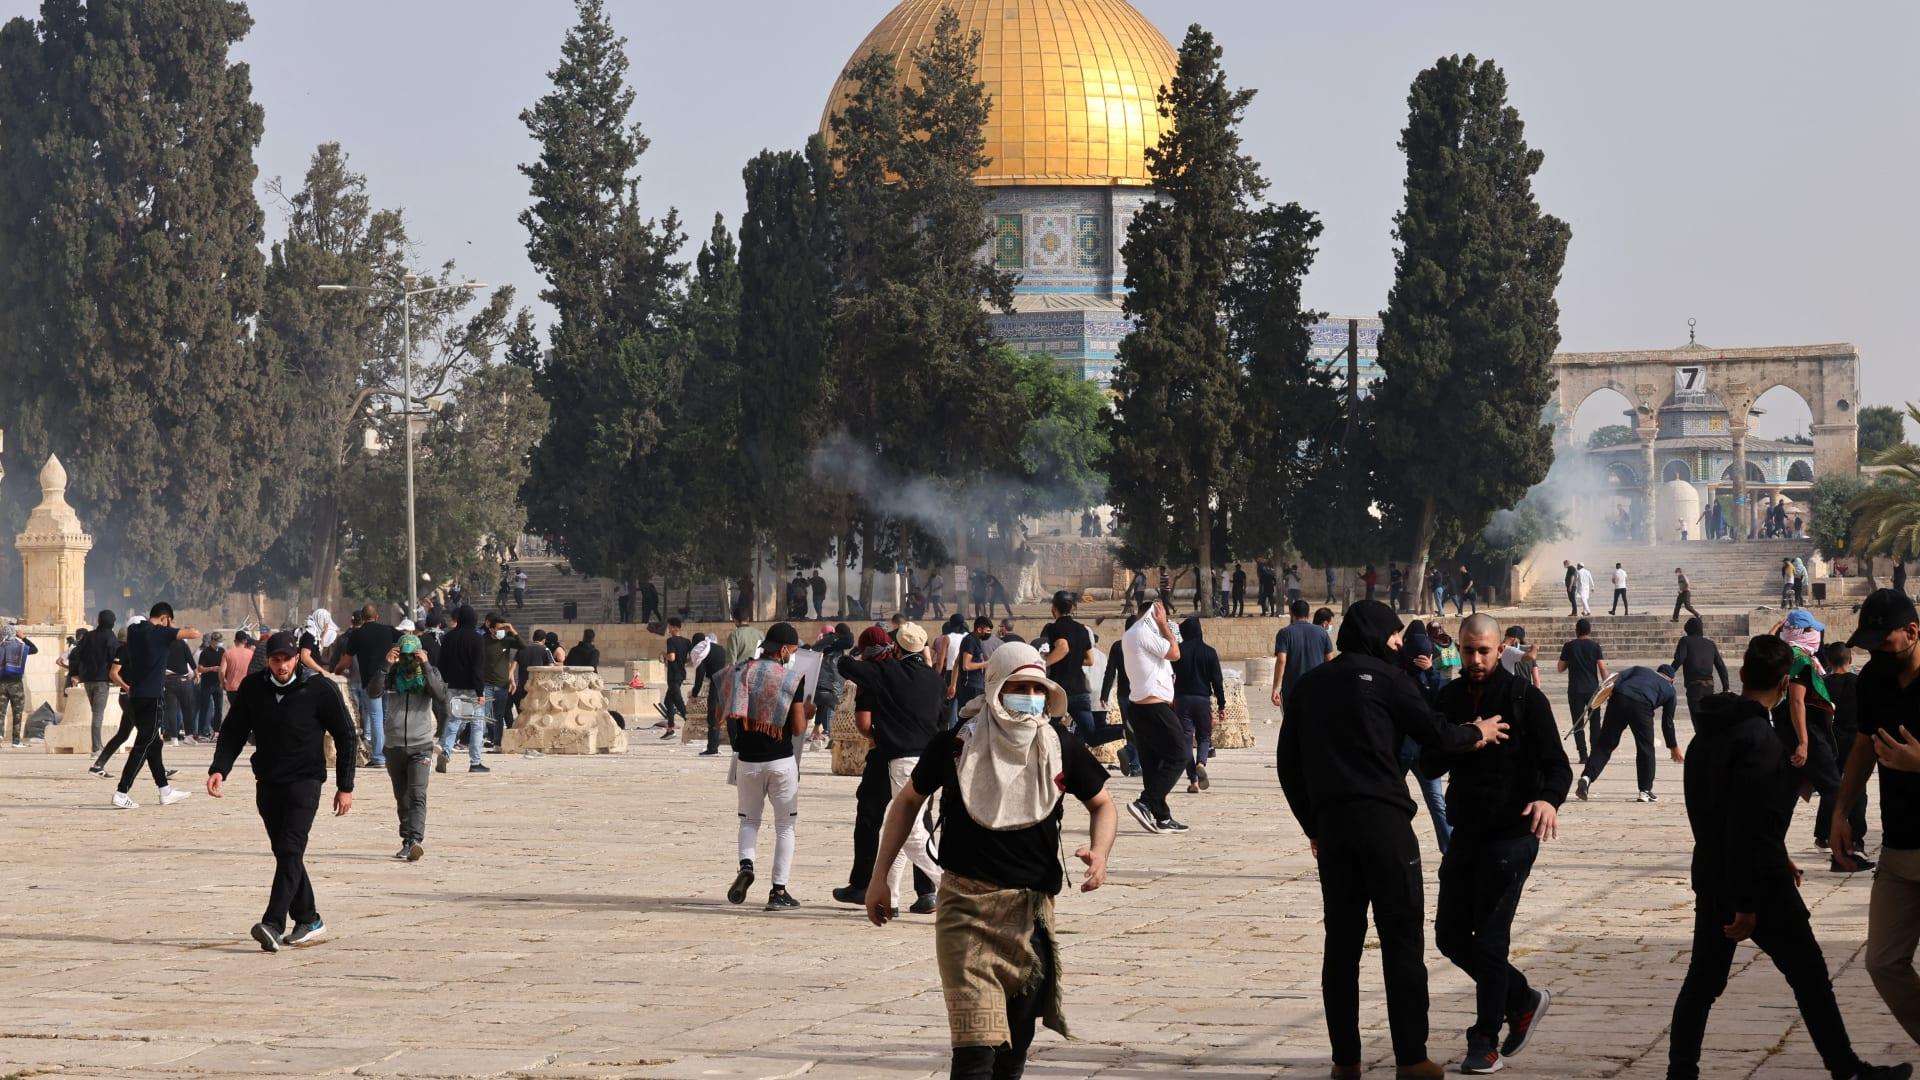 شاهد رد فعل إسرائيليين في مسيرة لحظة إنطلاق صافرات الإنذار في القدس